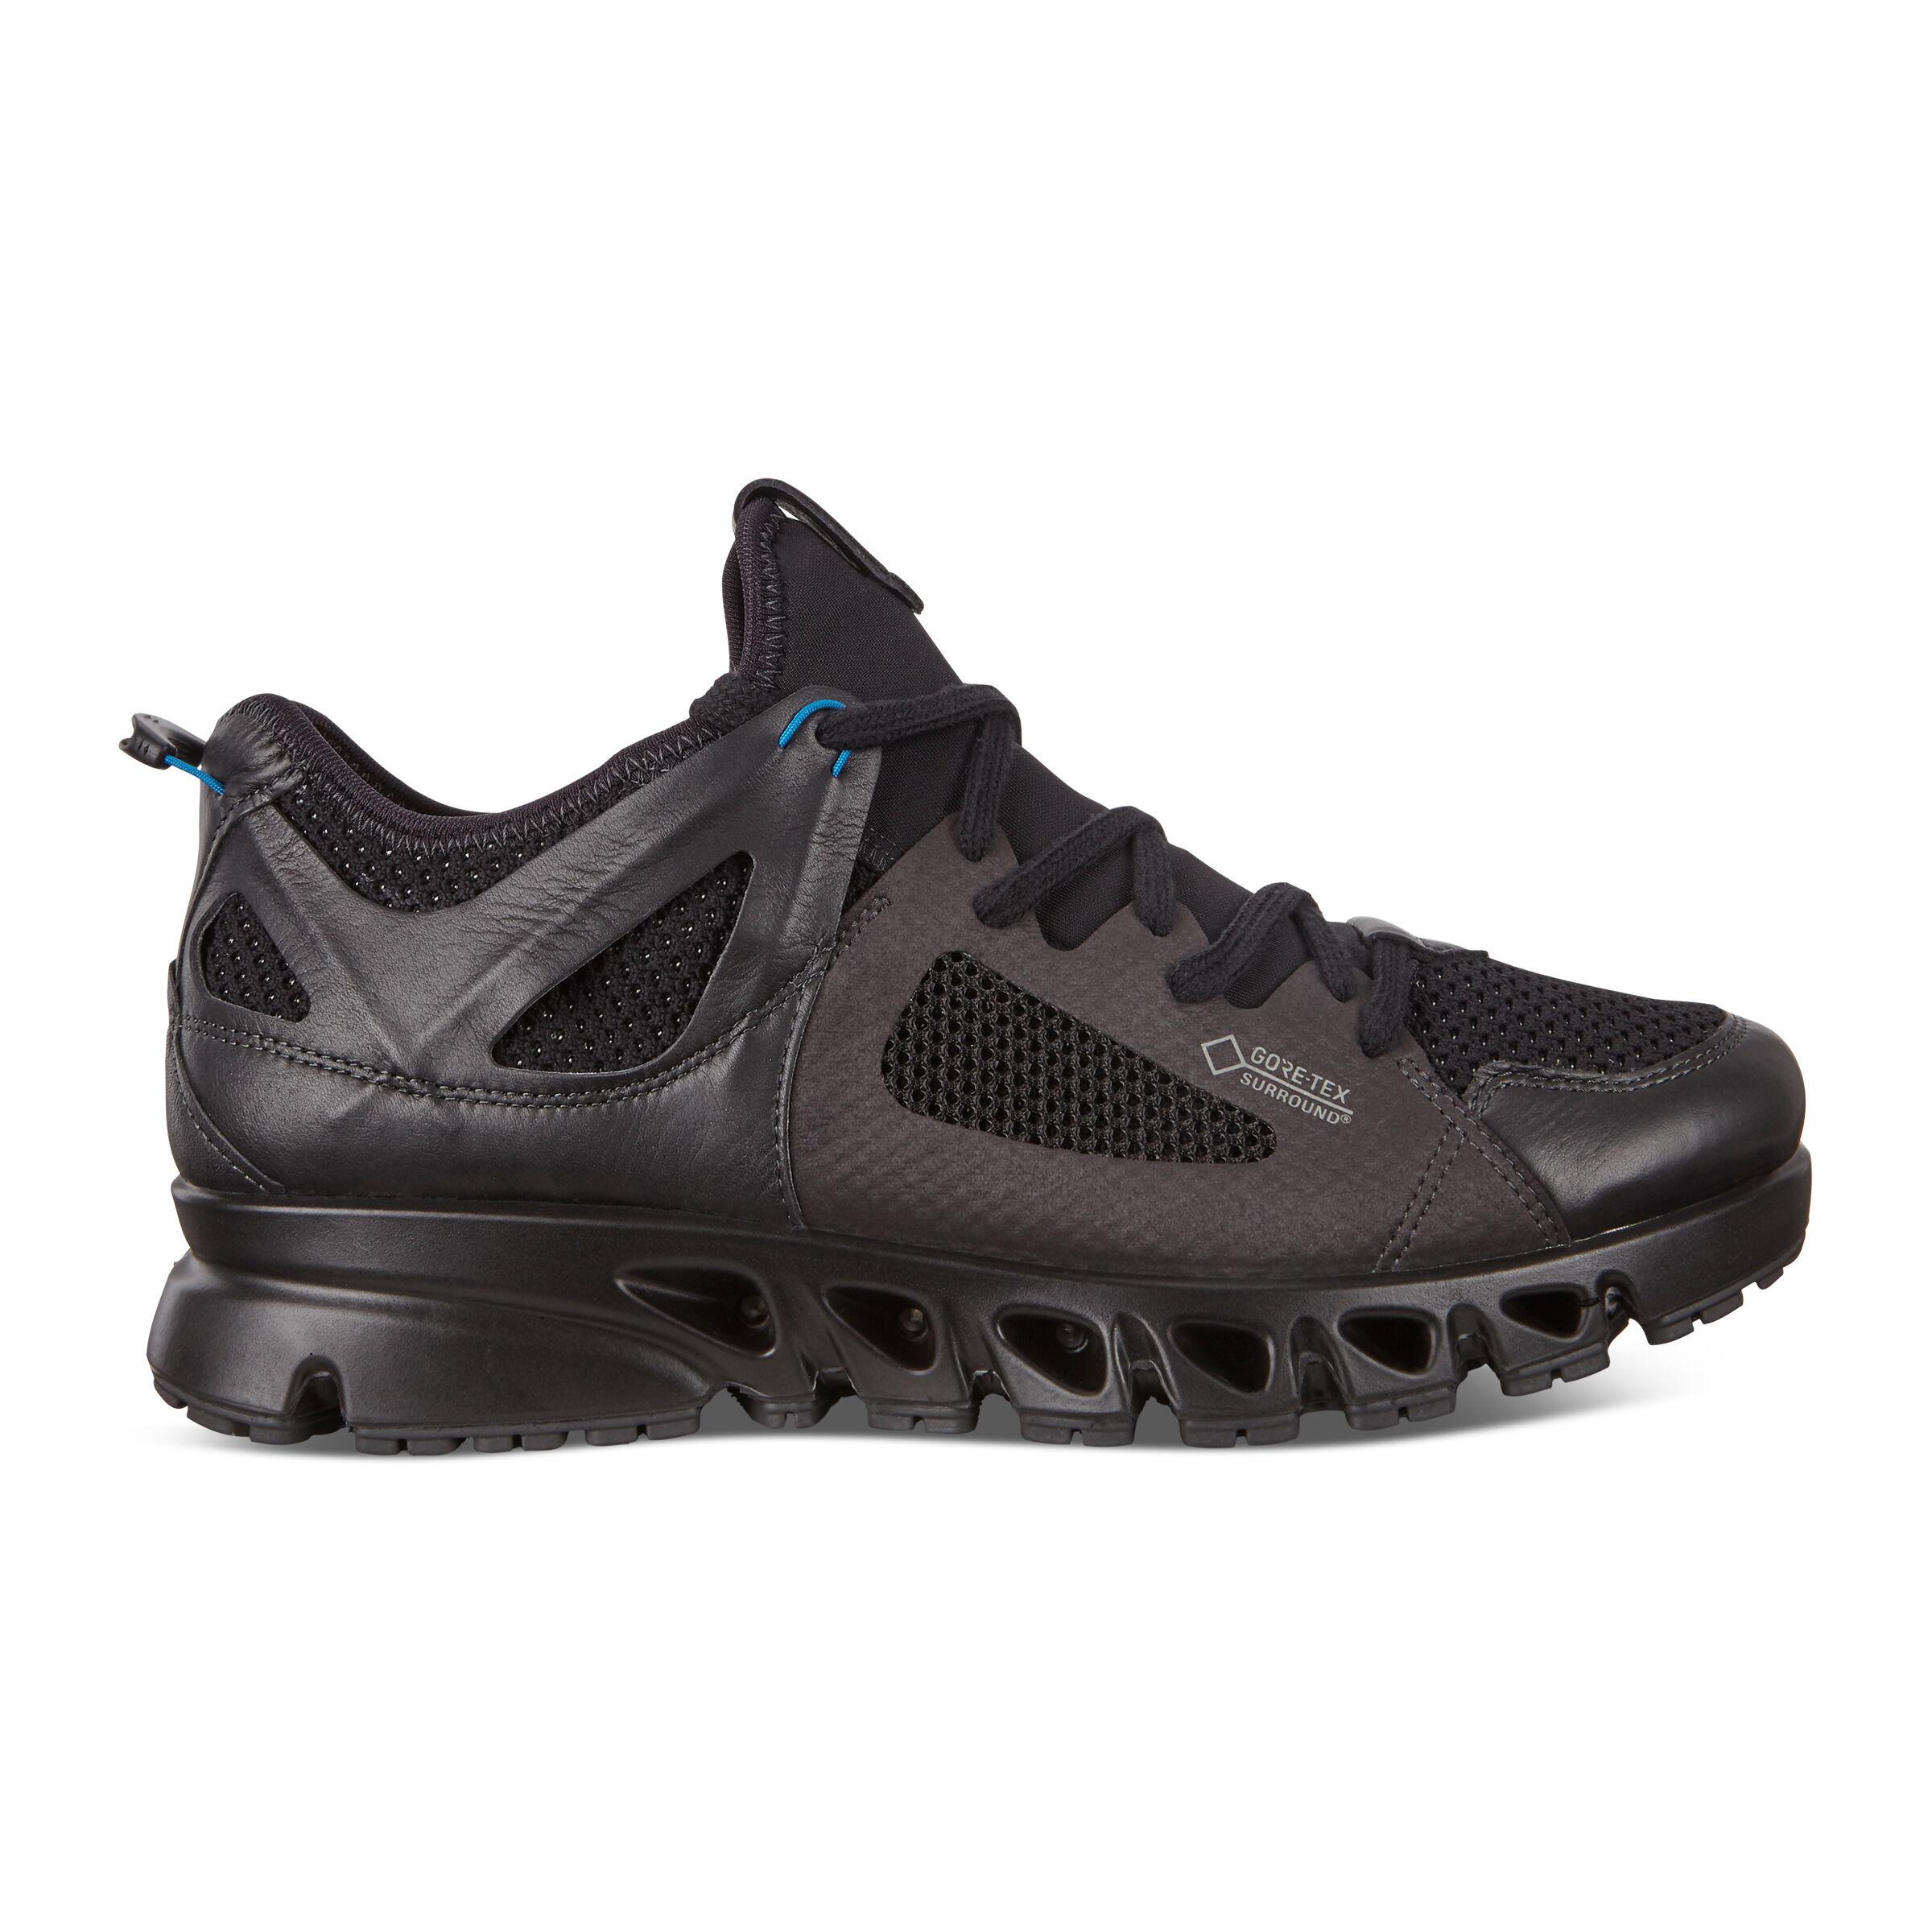 에코 멀티벤트 아웃도어 슈즈 남성화 ECCO Multi-Vent Mens Low GTXs Tex Shoes,black/black/olympian blue